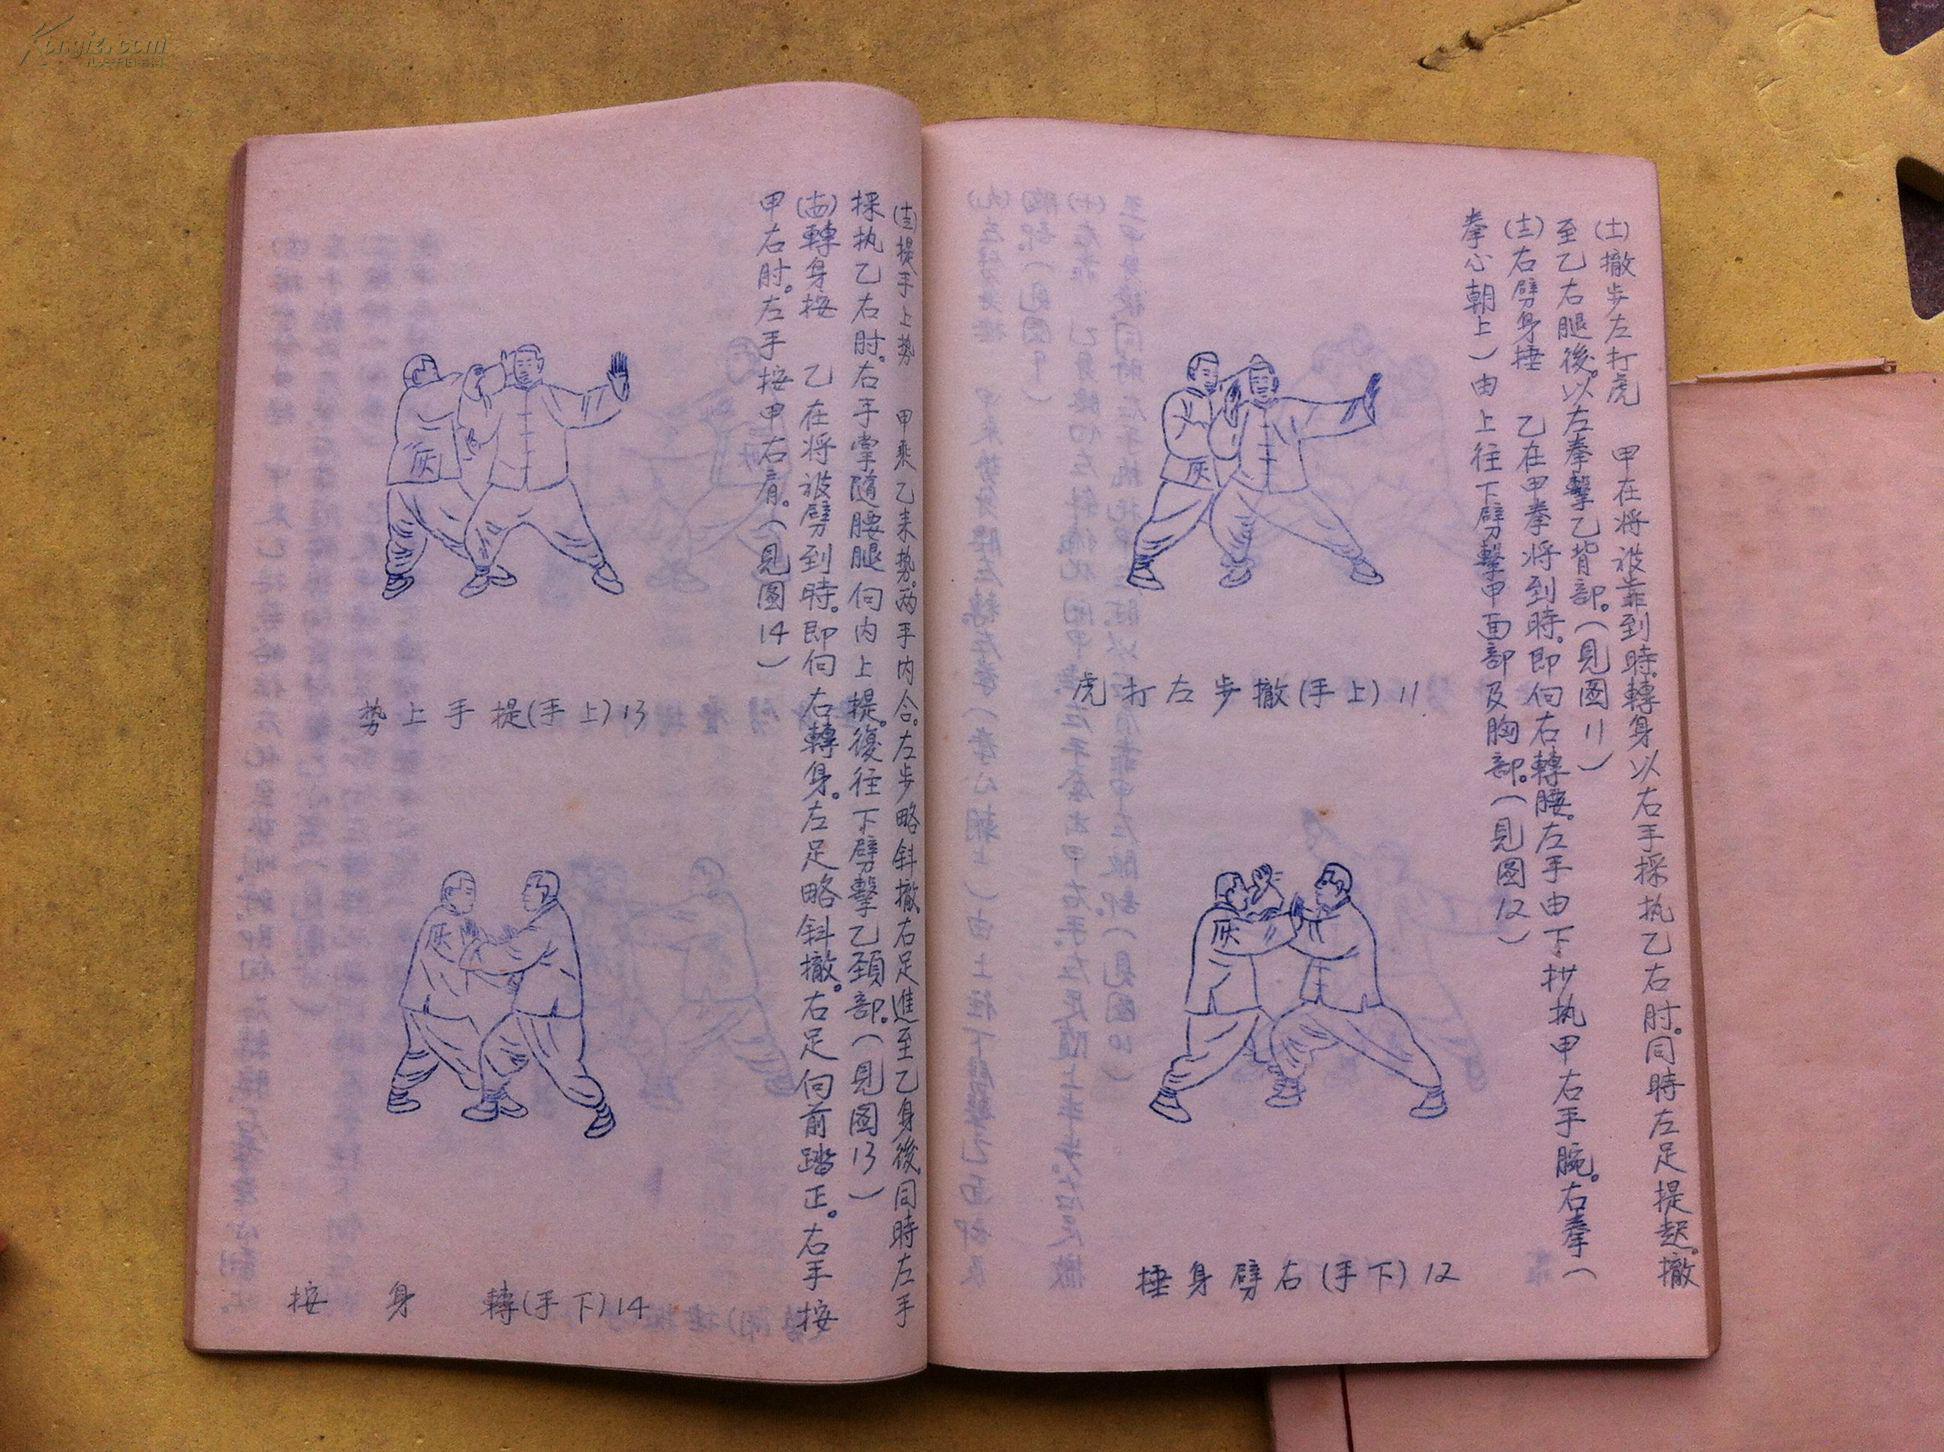 武术书手抄本 太极拳刀剑杆散手合编 上下册全 16k图片